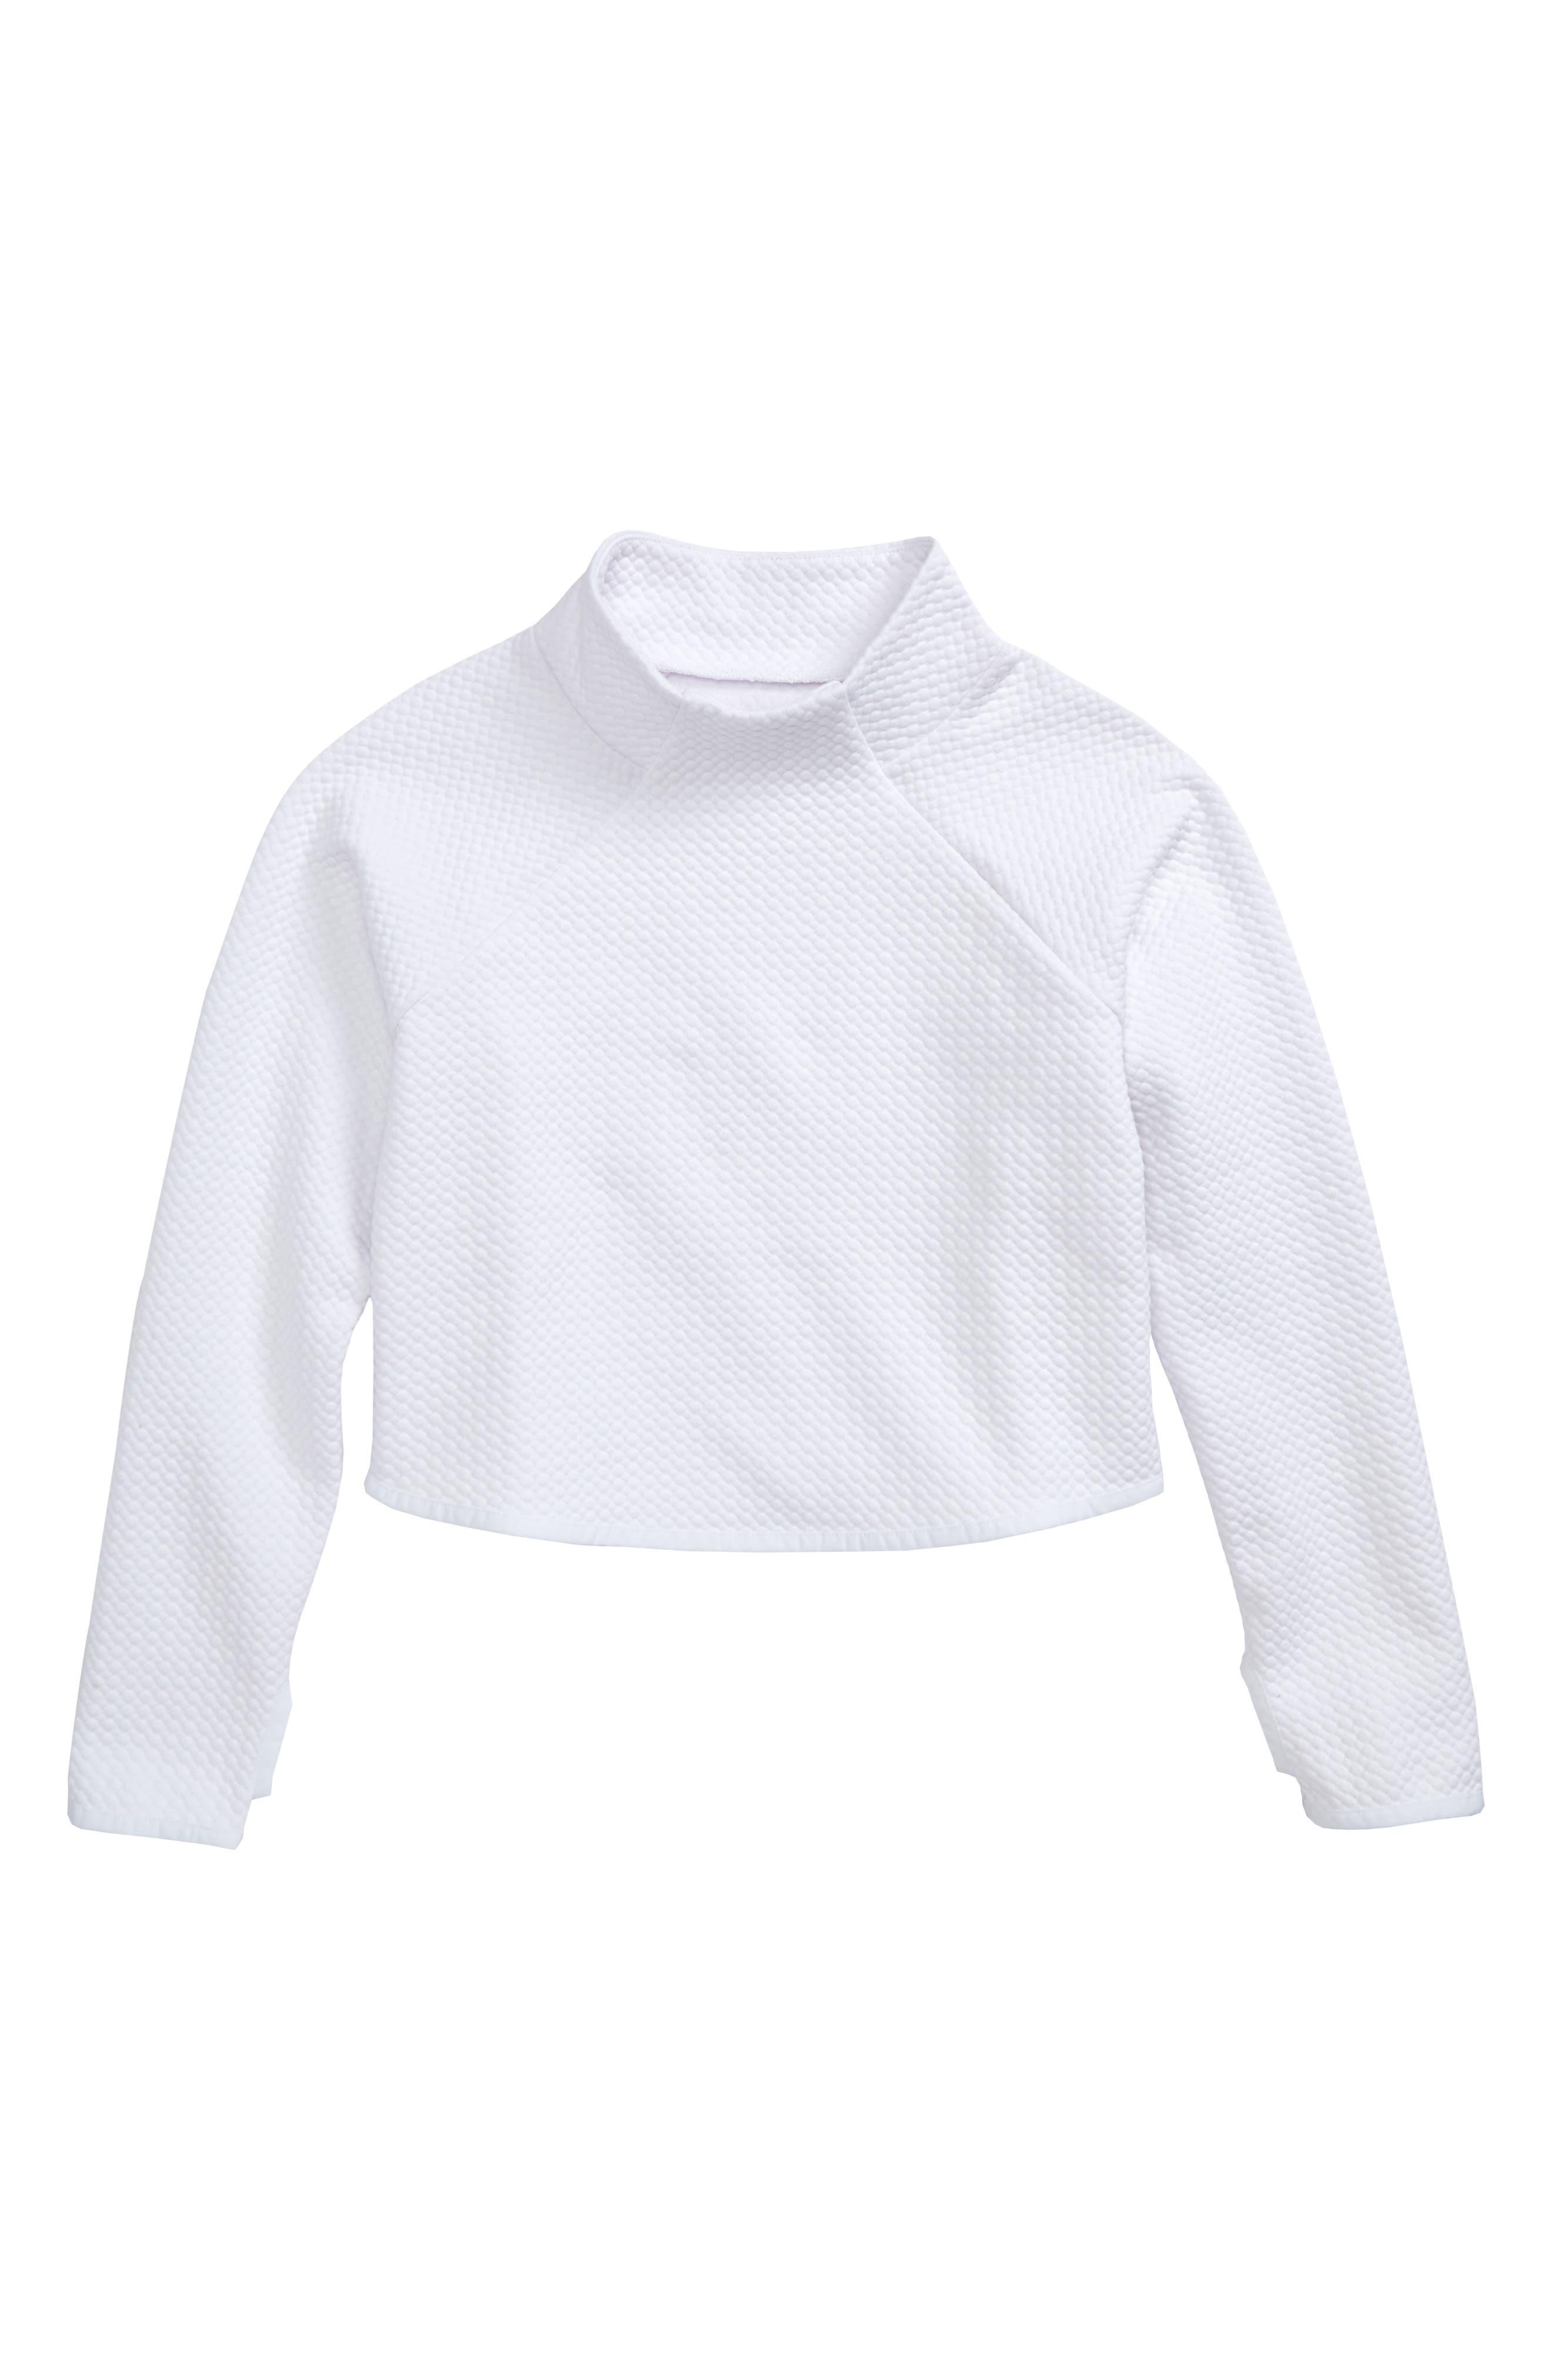 Mock Neck Scuba Sweatshirt,                             Main thumbnail 1, color,                             White